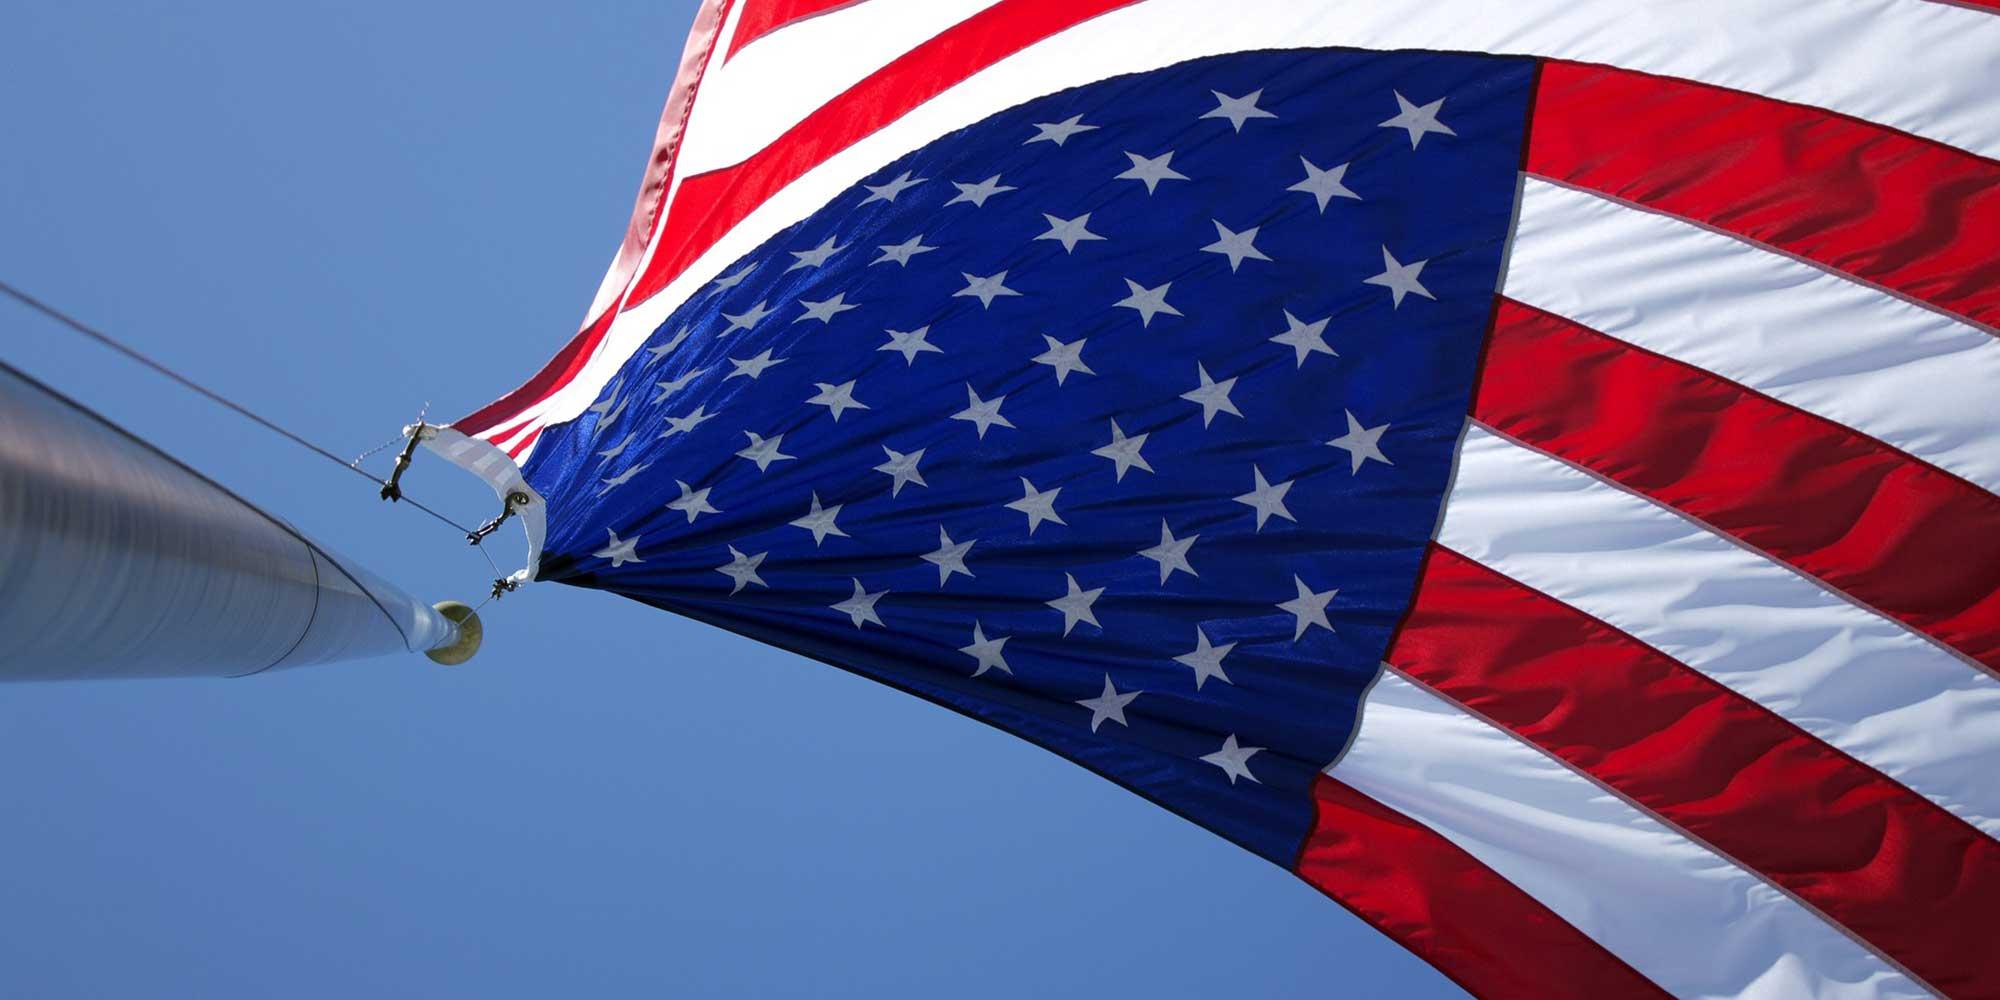 ¿Cómo elegir un buen abogado de inmigración en Estados Unidos?